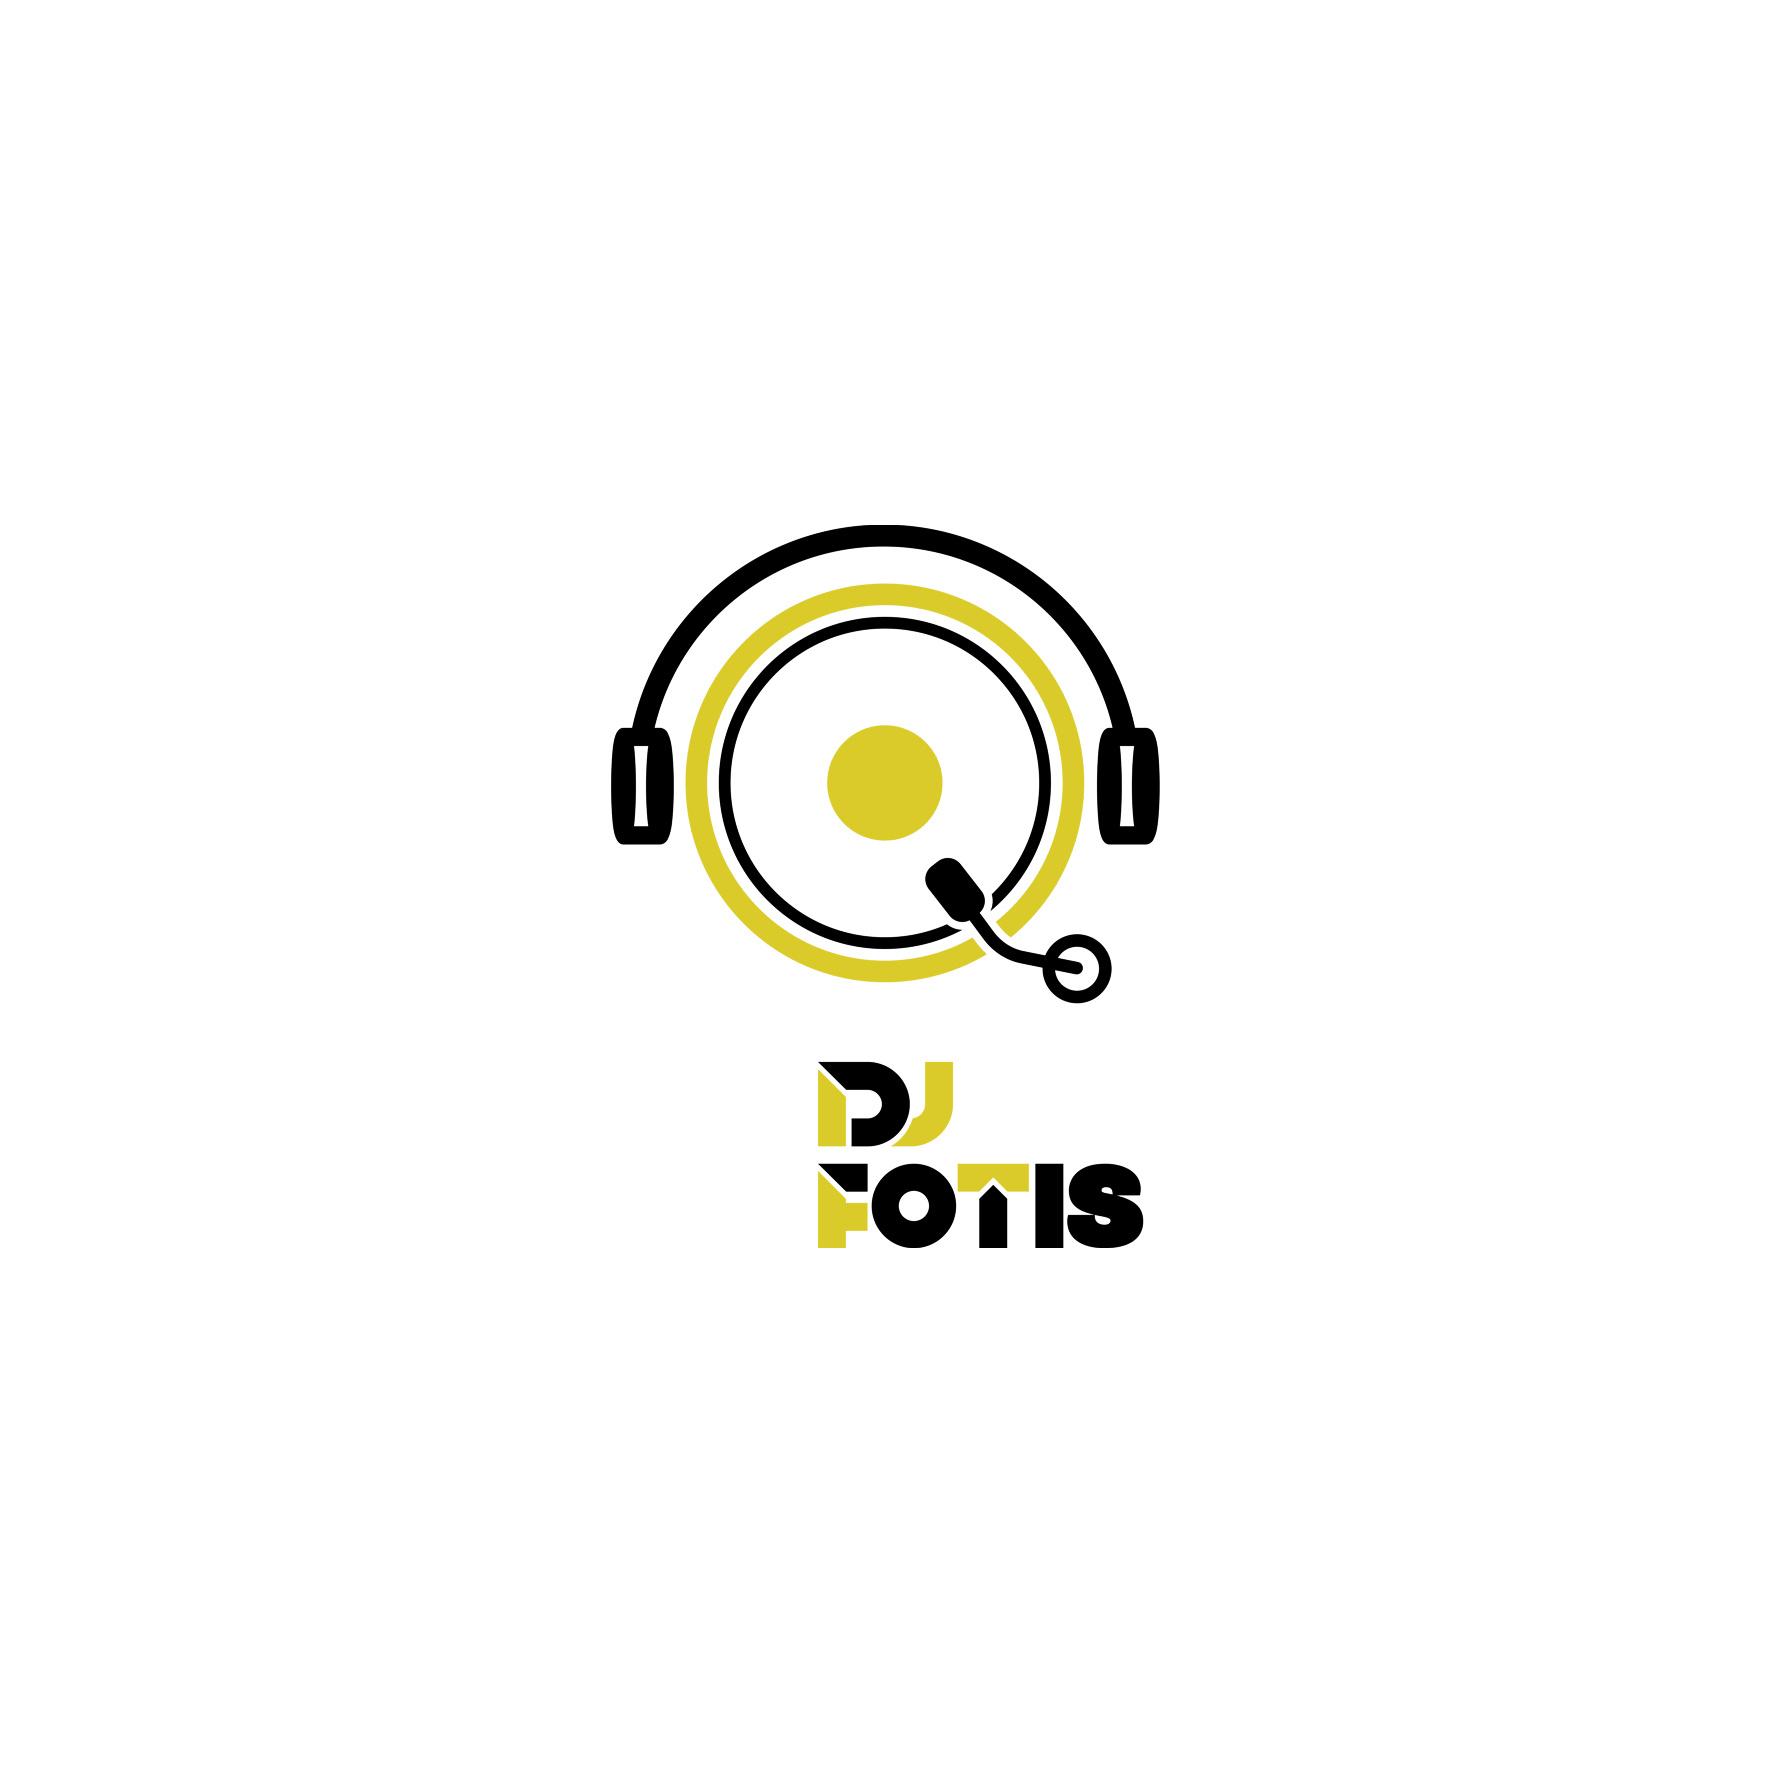 https://0501.nccdn.net/4_2/000/000/050/773/logo-djfotis-by-koukida-1771x1771.jpg